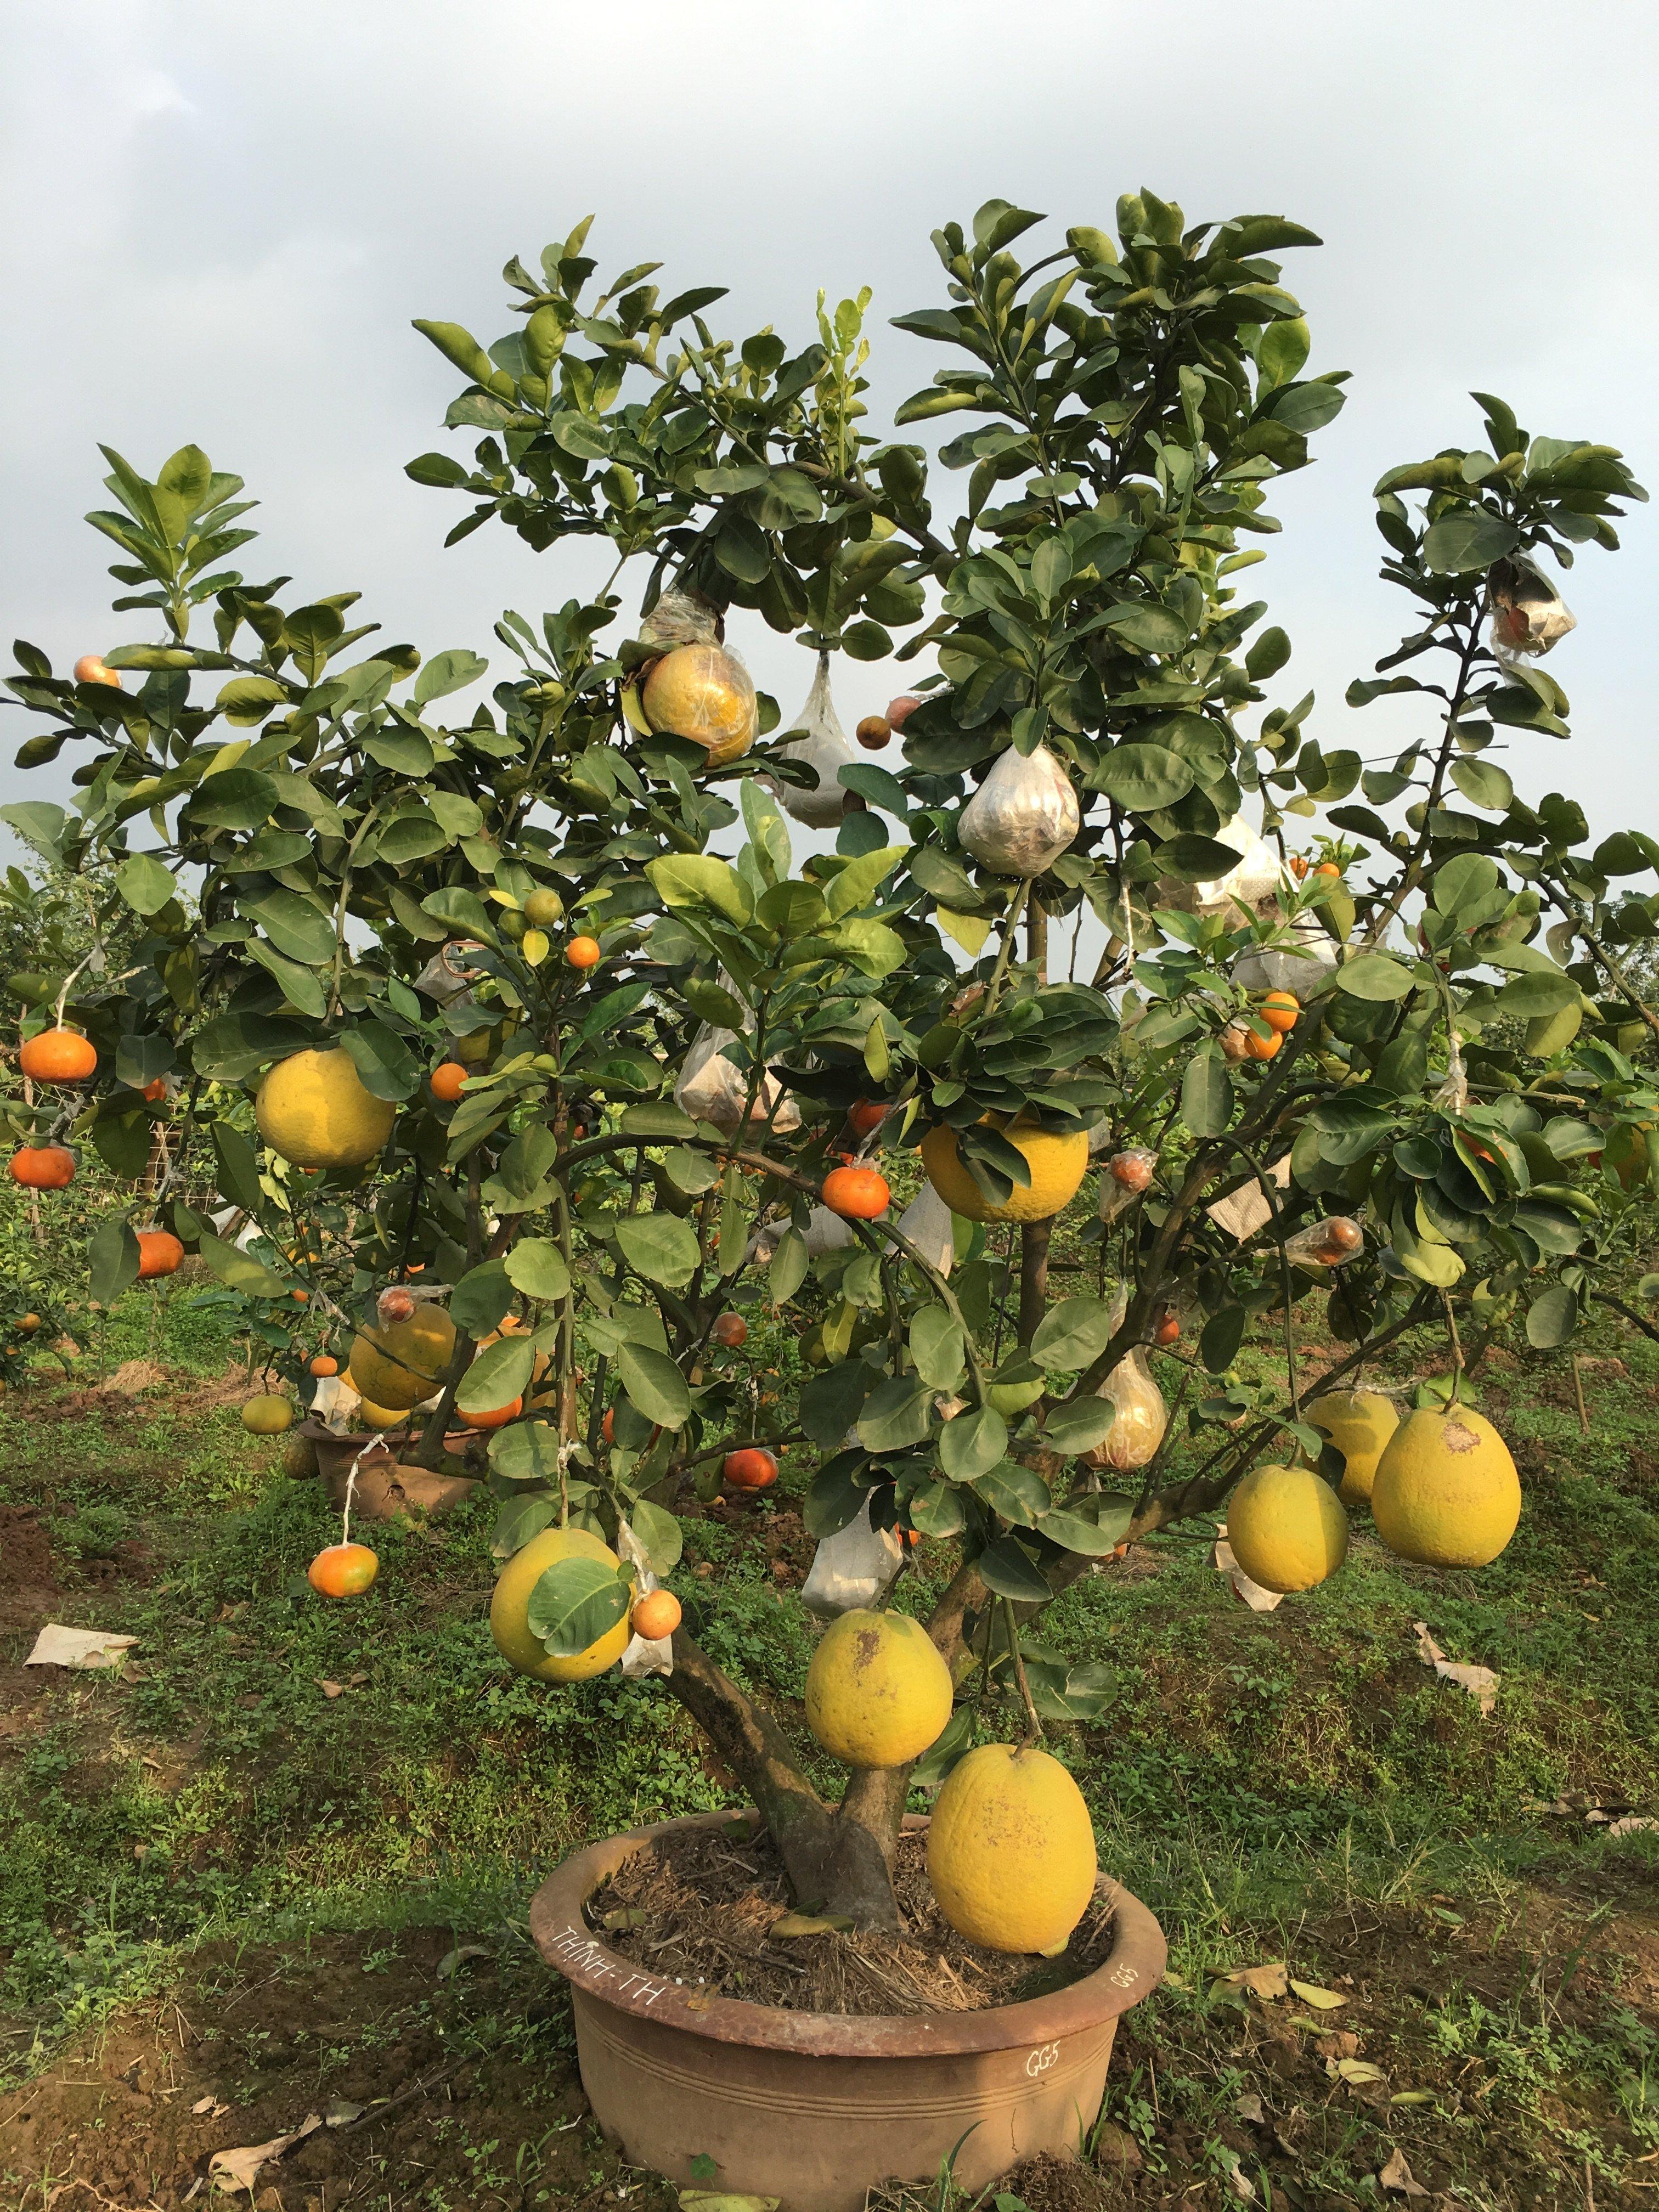 Chiêm ngưỡng vườn cây 10 loại quả độc đáo của lão nông Hà Thành 3